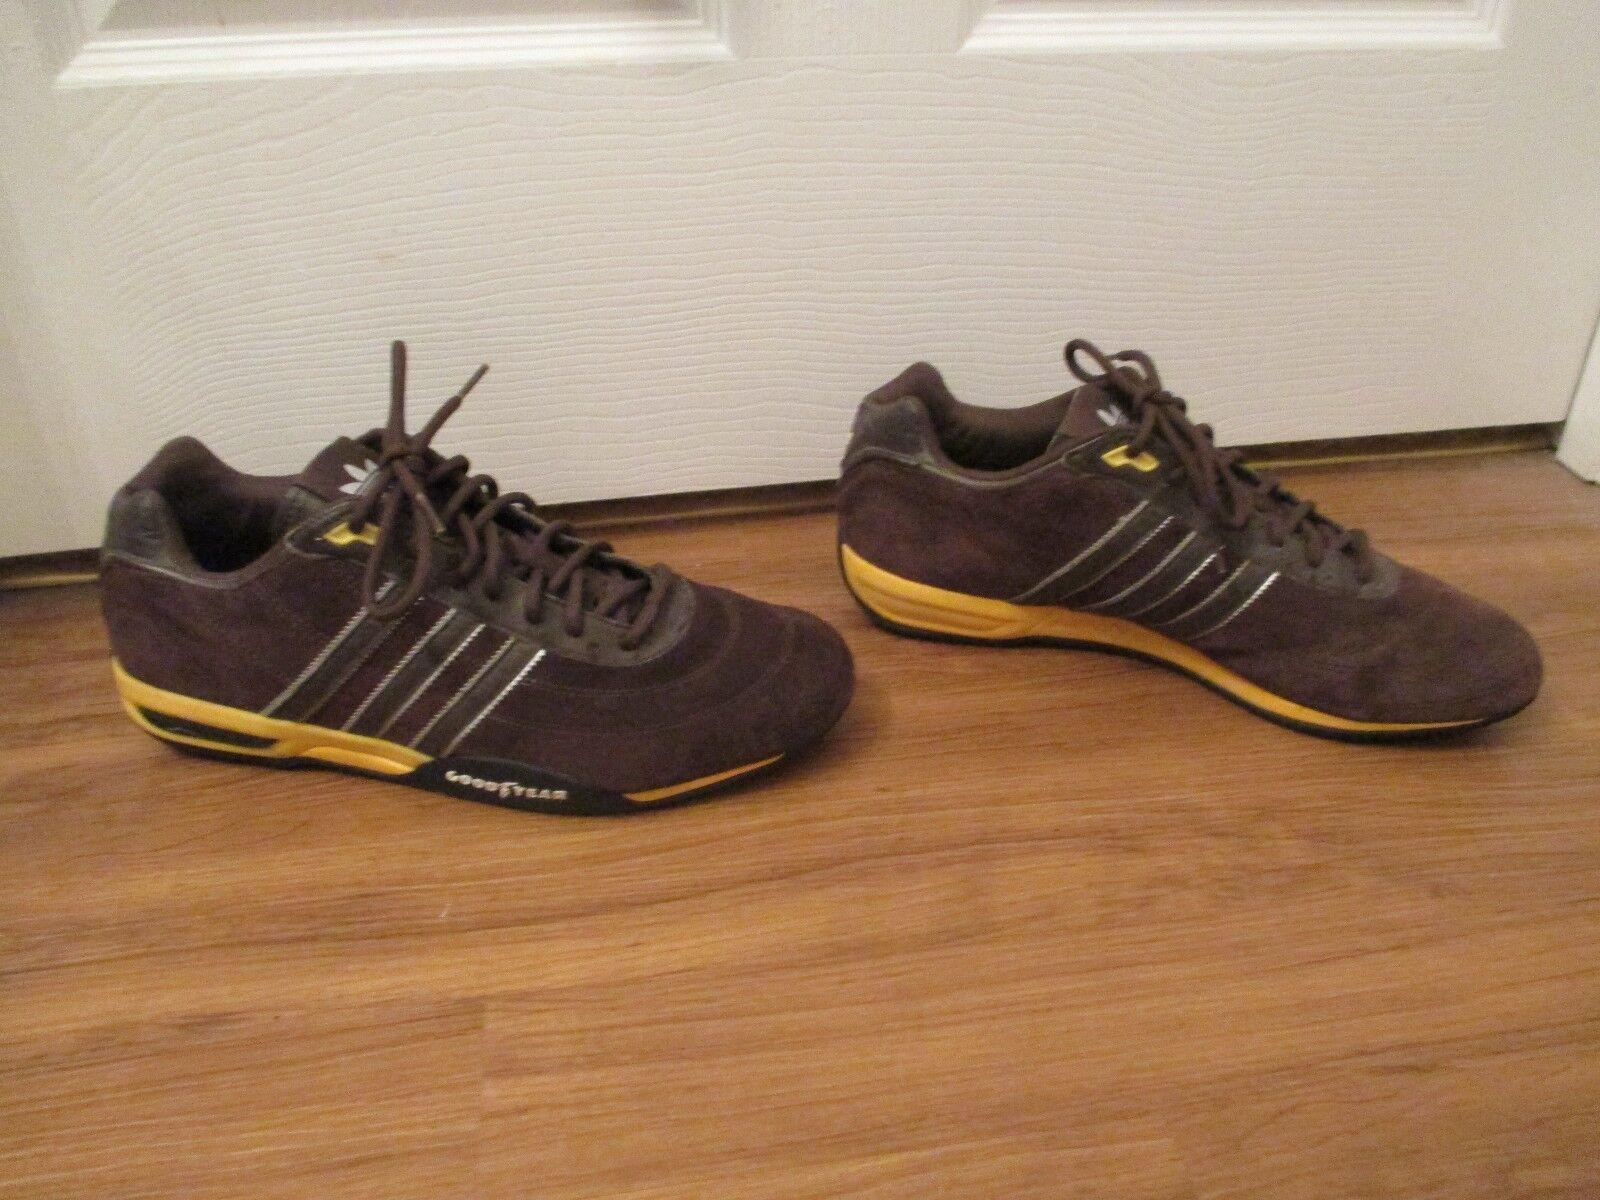 Classic 2006 era indossato 44 adidas dga racer e scarpe marroni giallo goodyear